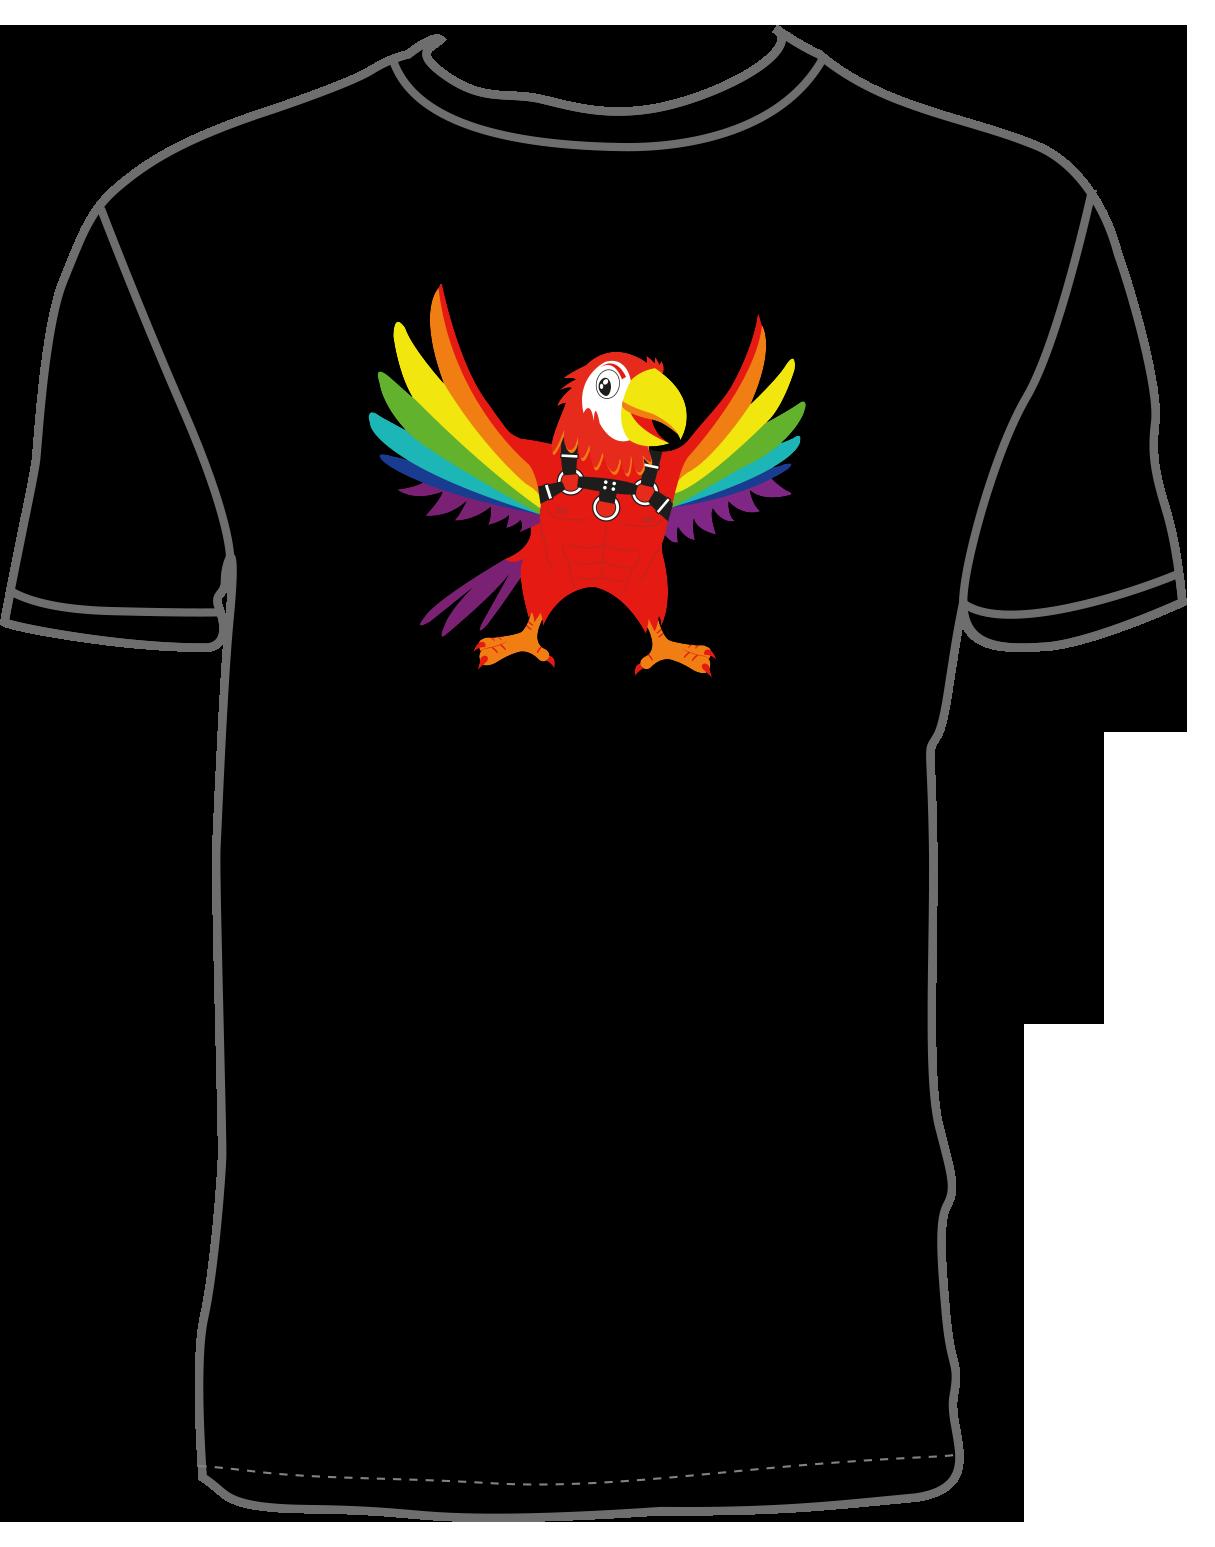 Coco Loco Coco Fetish T-shirt